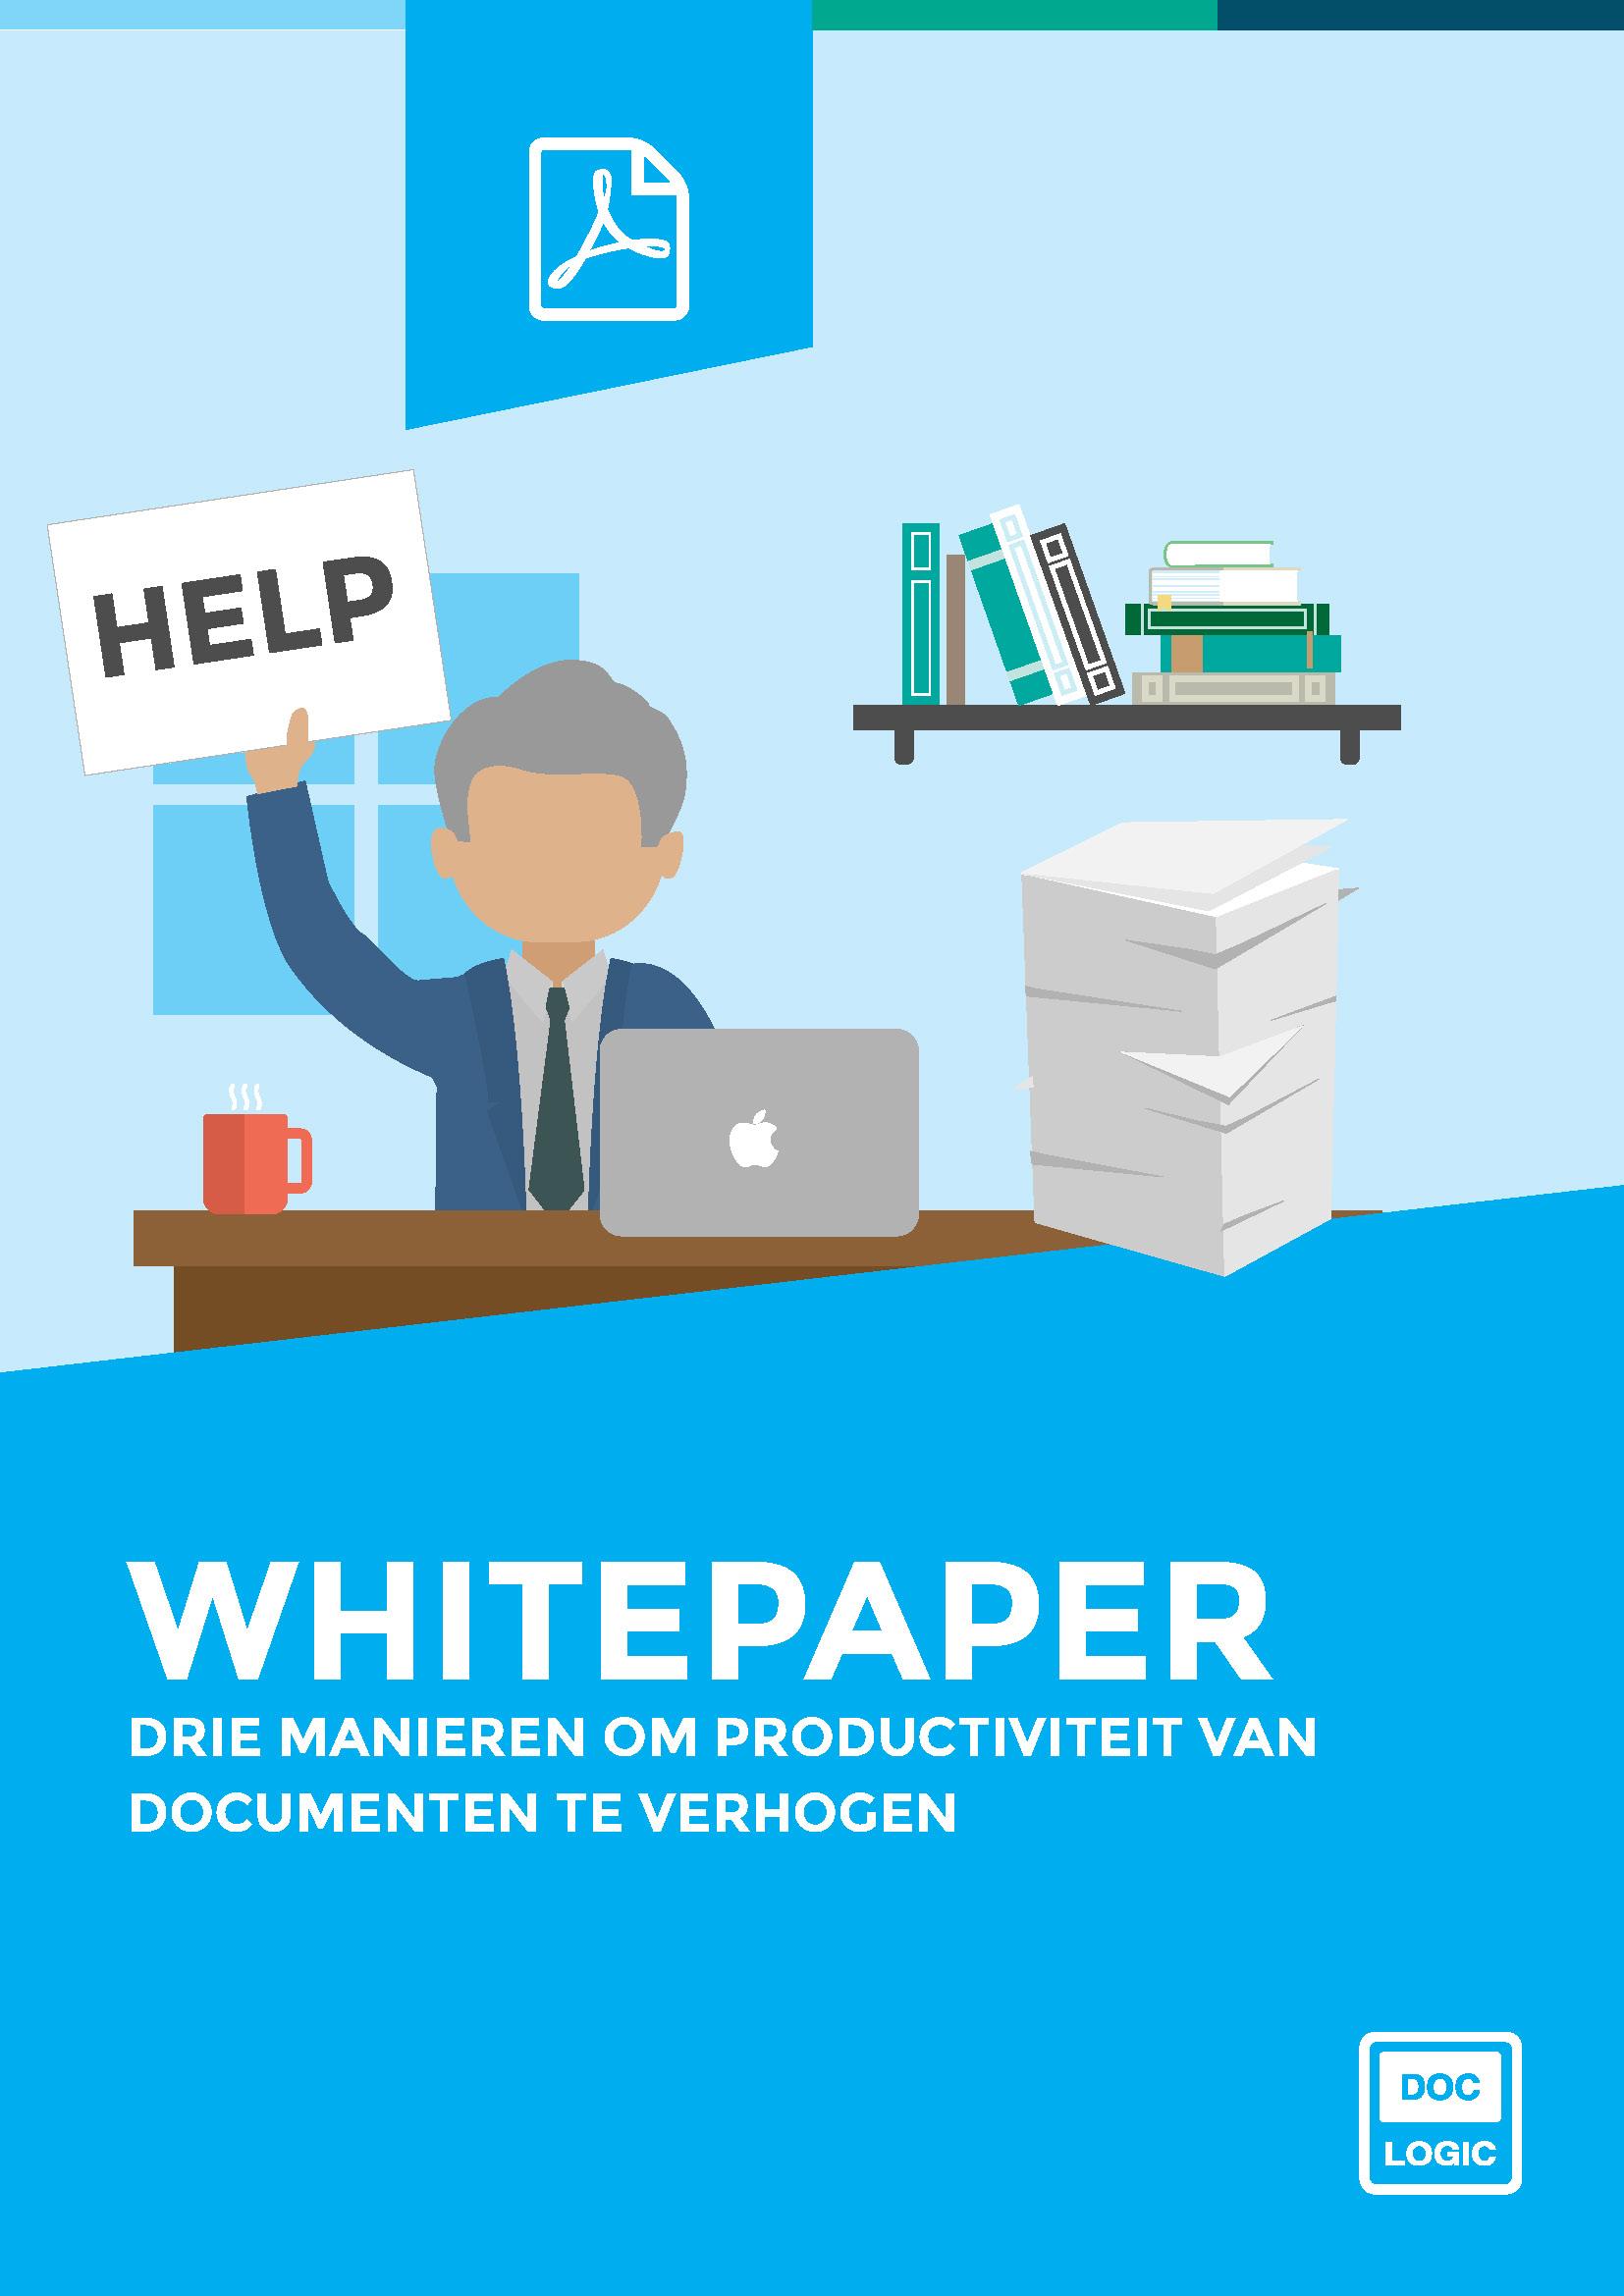 Drie manieren om de productiviteit van documenten te verhogen